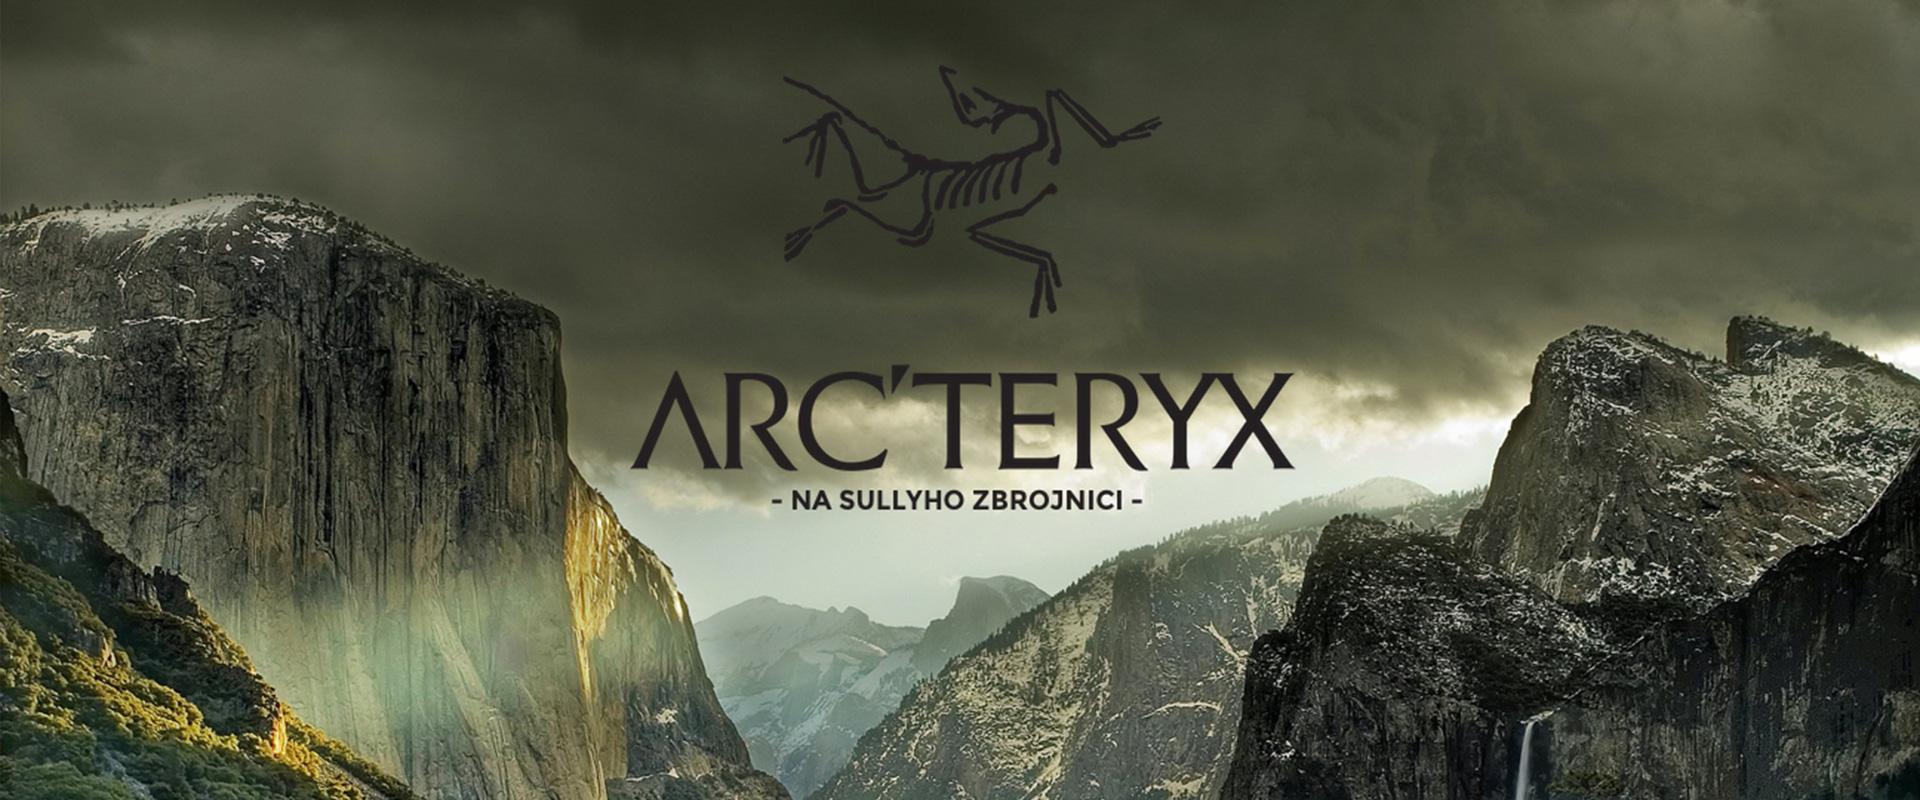 Arcteryx na Zbrojnici